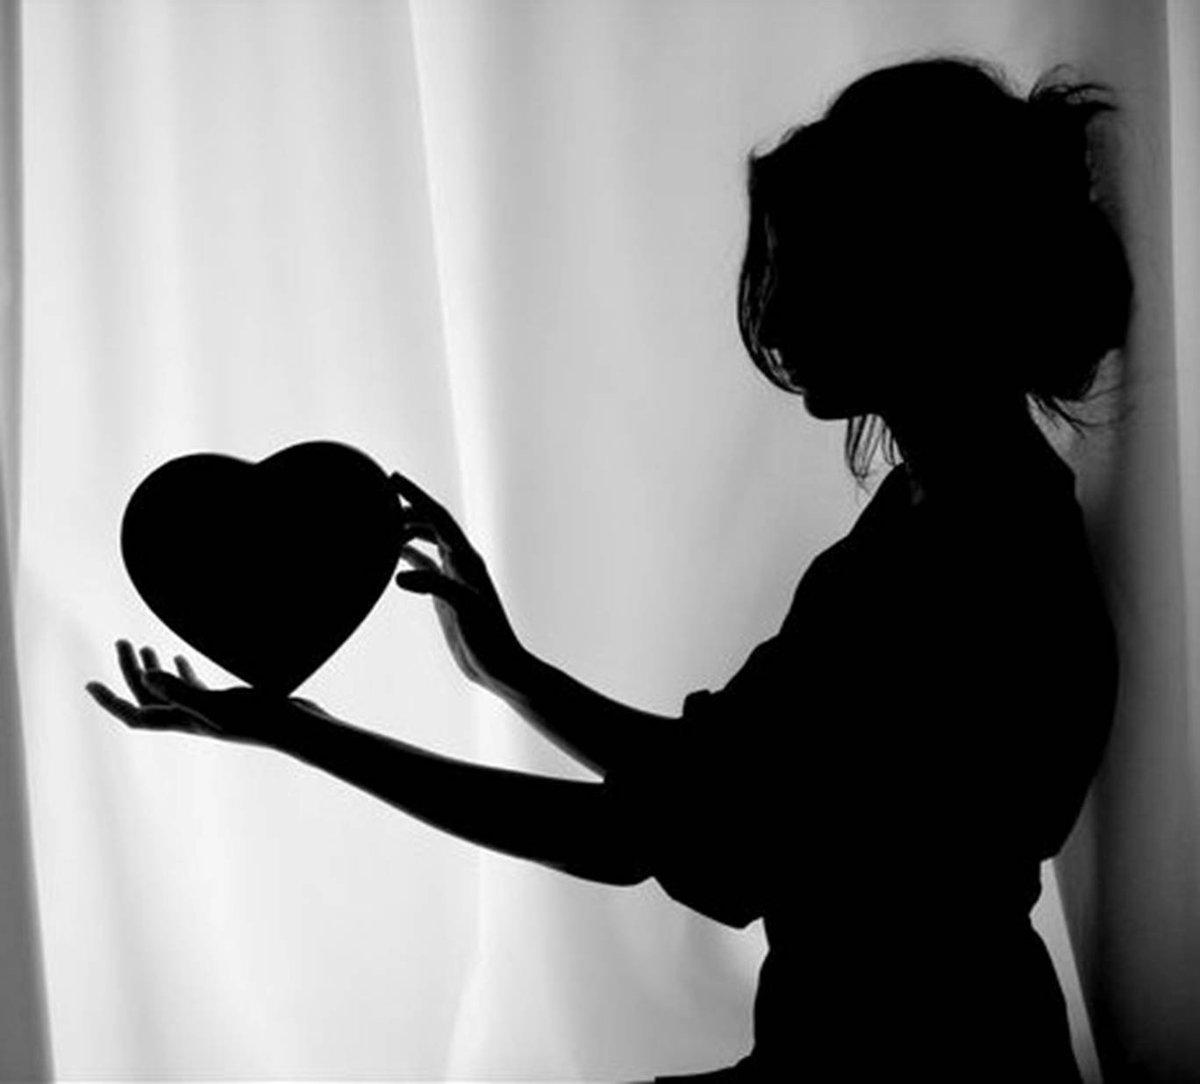 فتاة تمسك بقلب بين يديها.